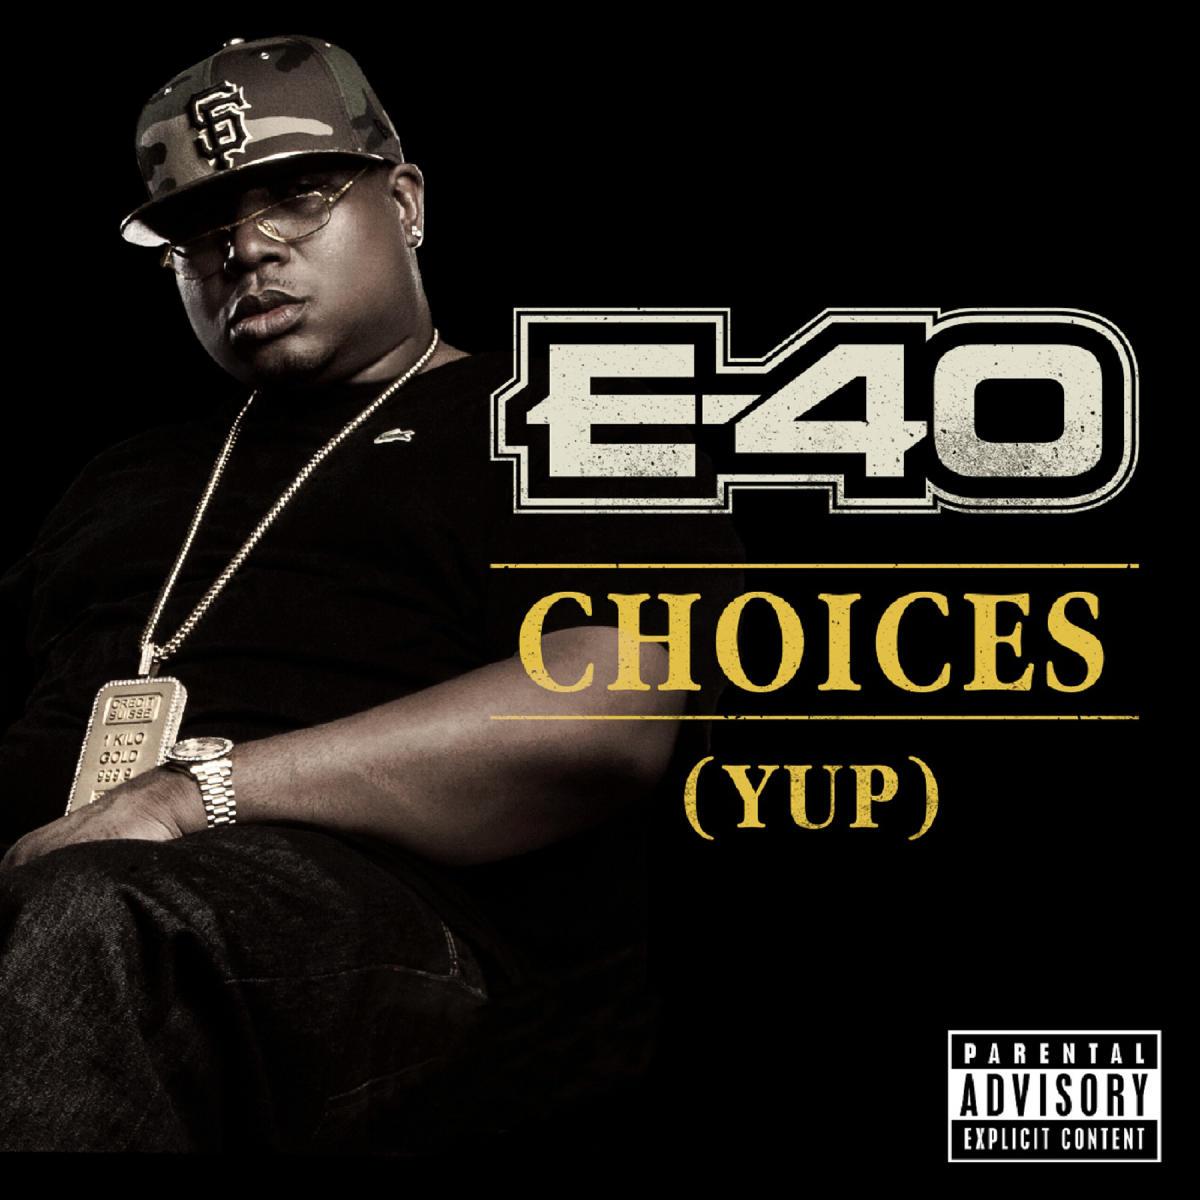 Choices (Yup) by E-40